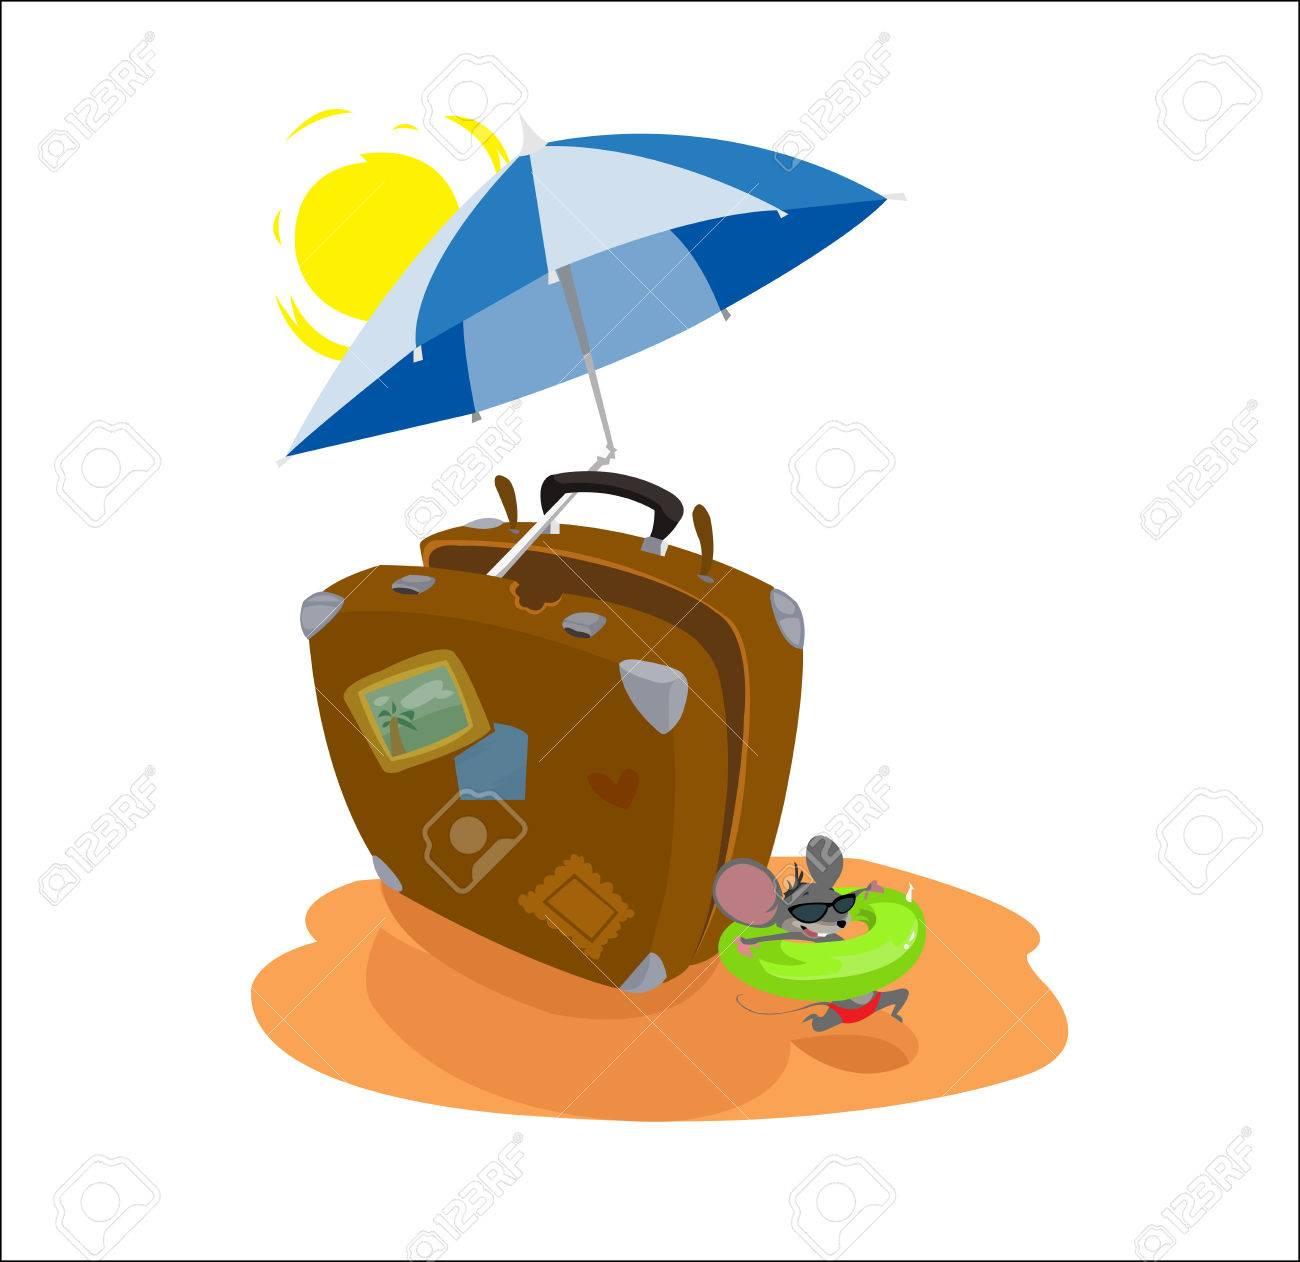 Dessin Parasol valise de voyage brun gros dessin animé drôle de vecteur numérique à